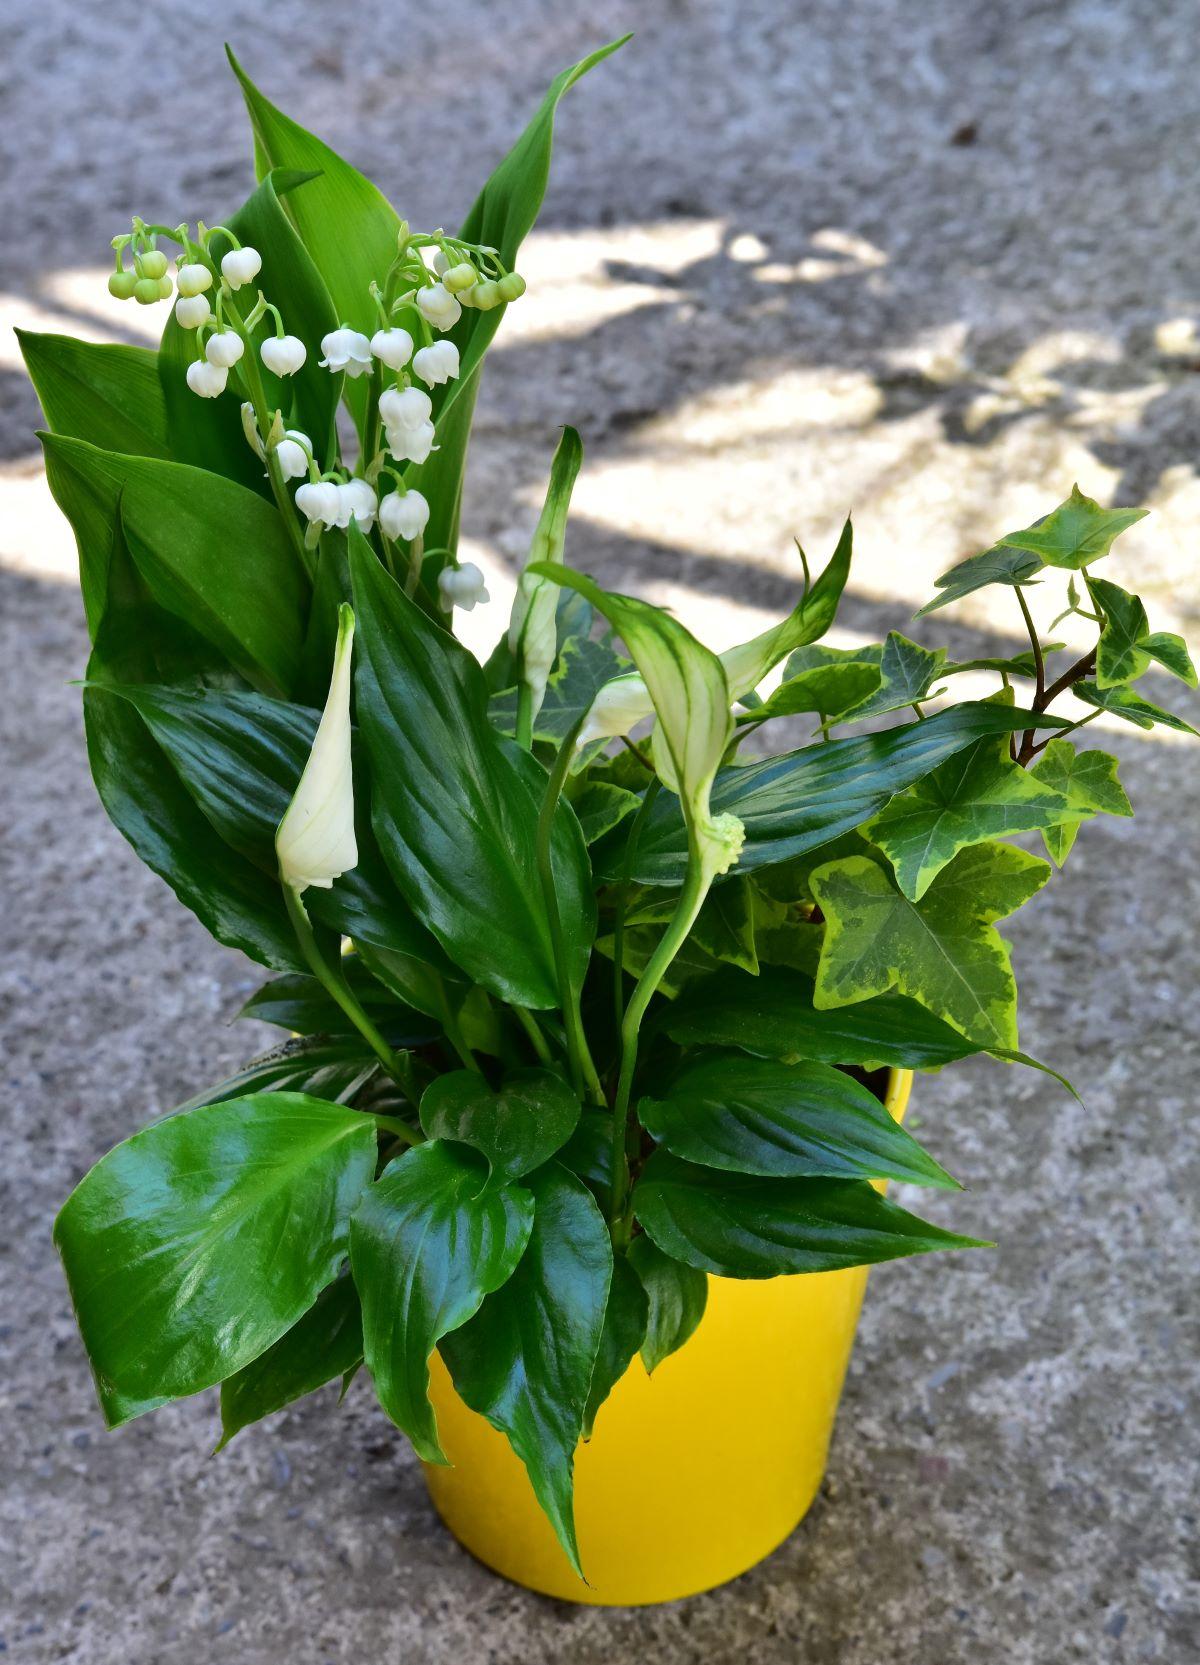 Pot couleur muguet - La jardinerie de pessicart - nice Livraison plantes idées cadeau (11)